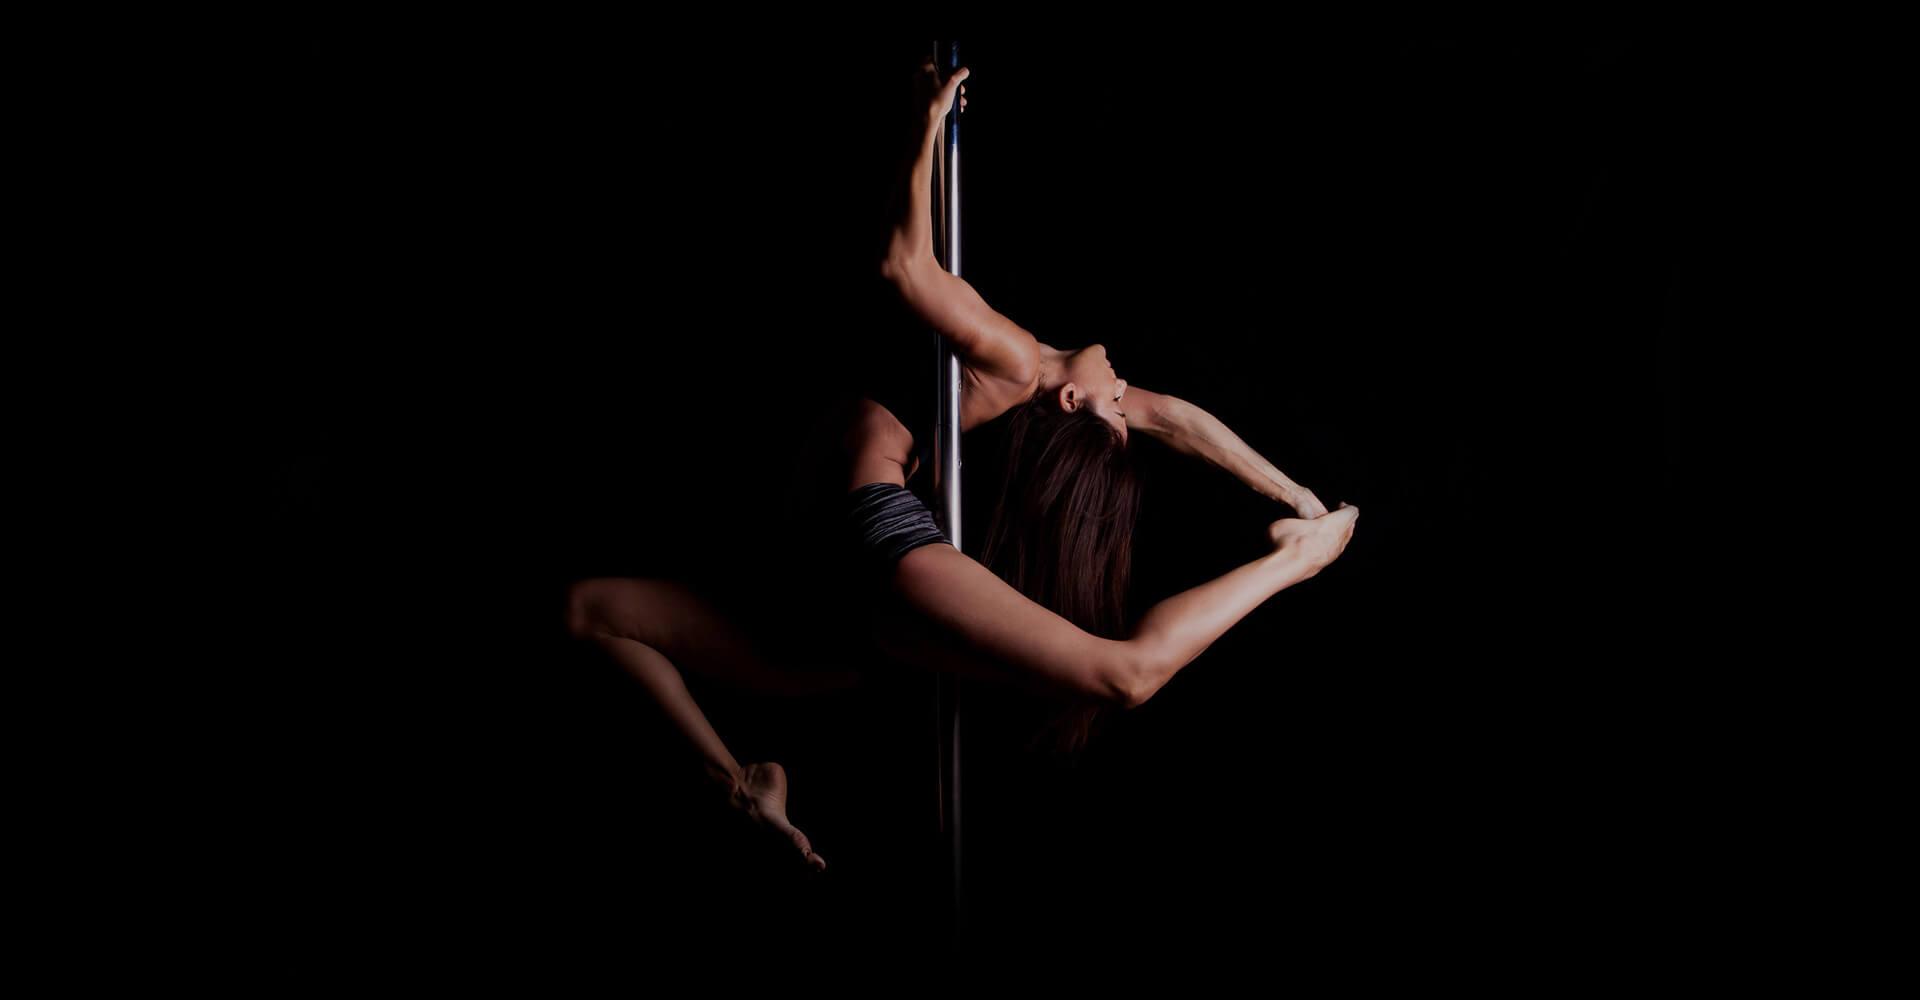 спортивный клуб олимп полтава, фитнес клуб, полюса танец